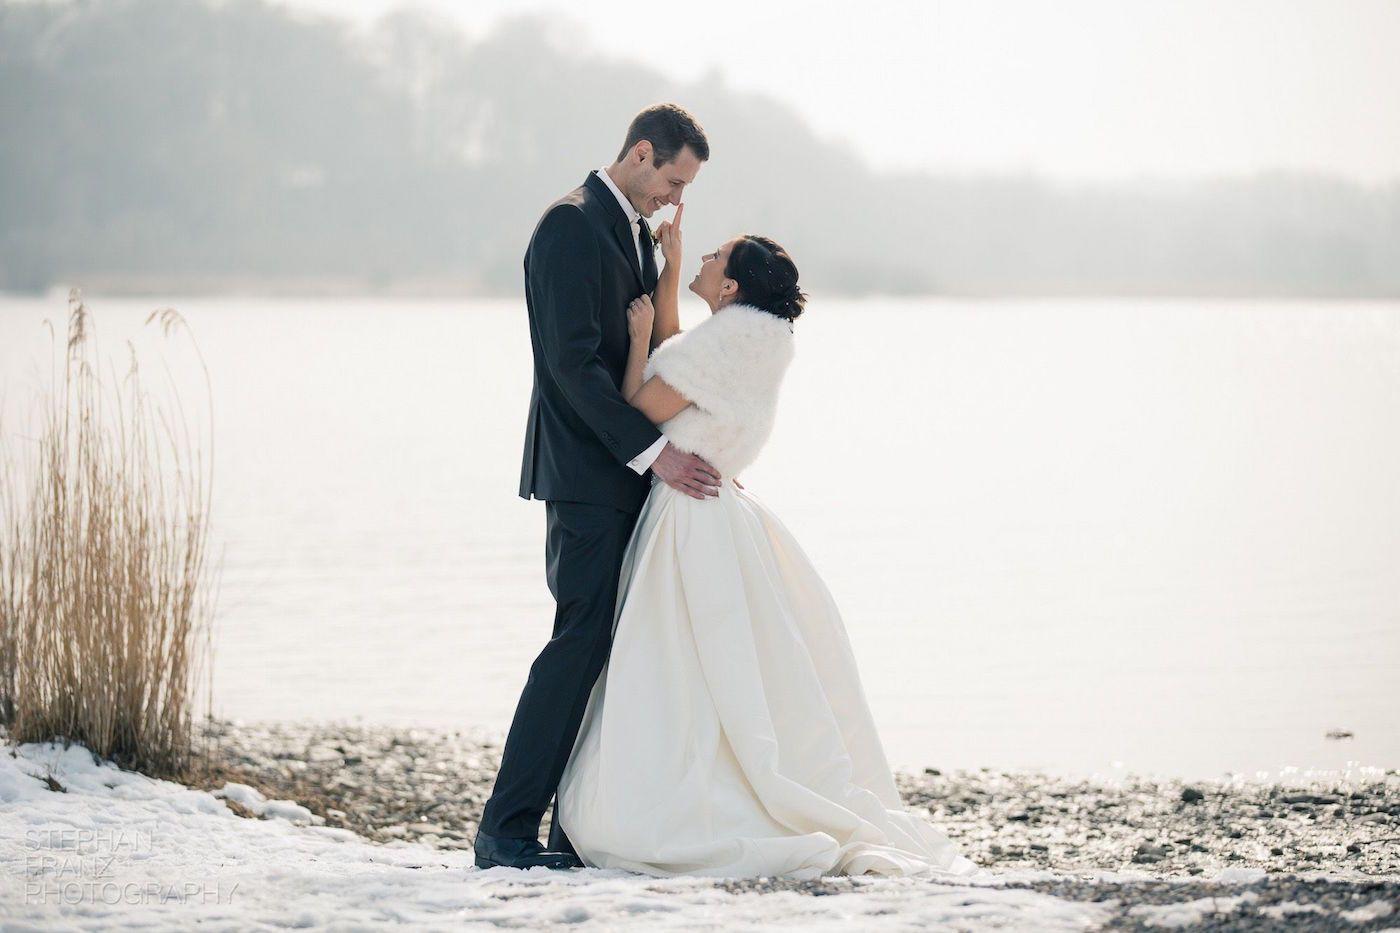 pia und markus hochzeitsfotograf rosenheim valentinstag stephan franz photography-22